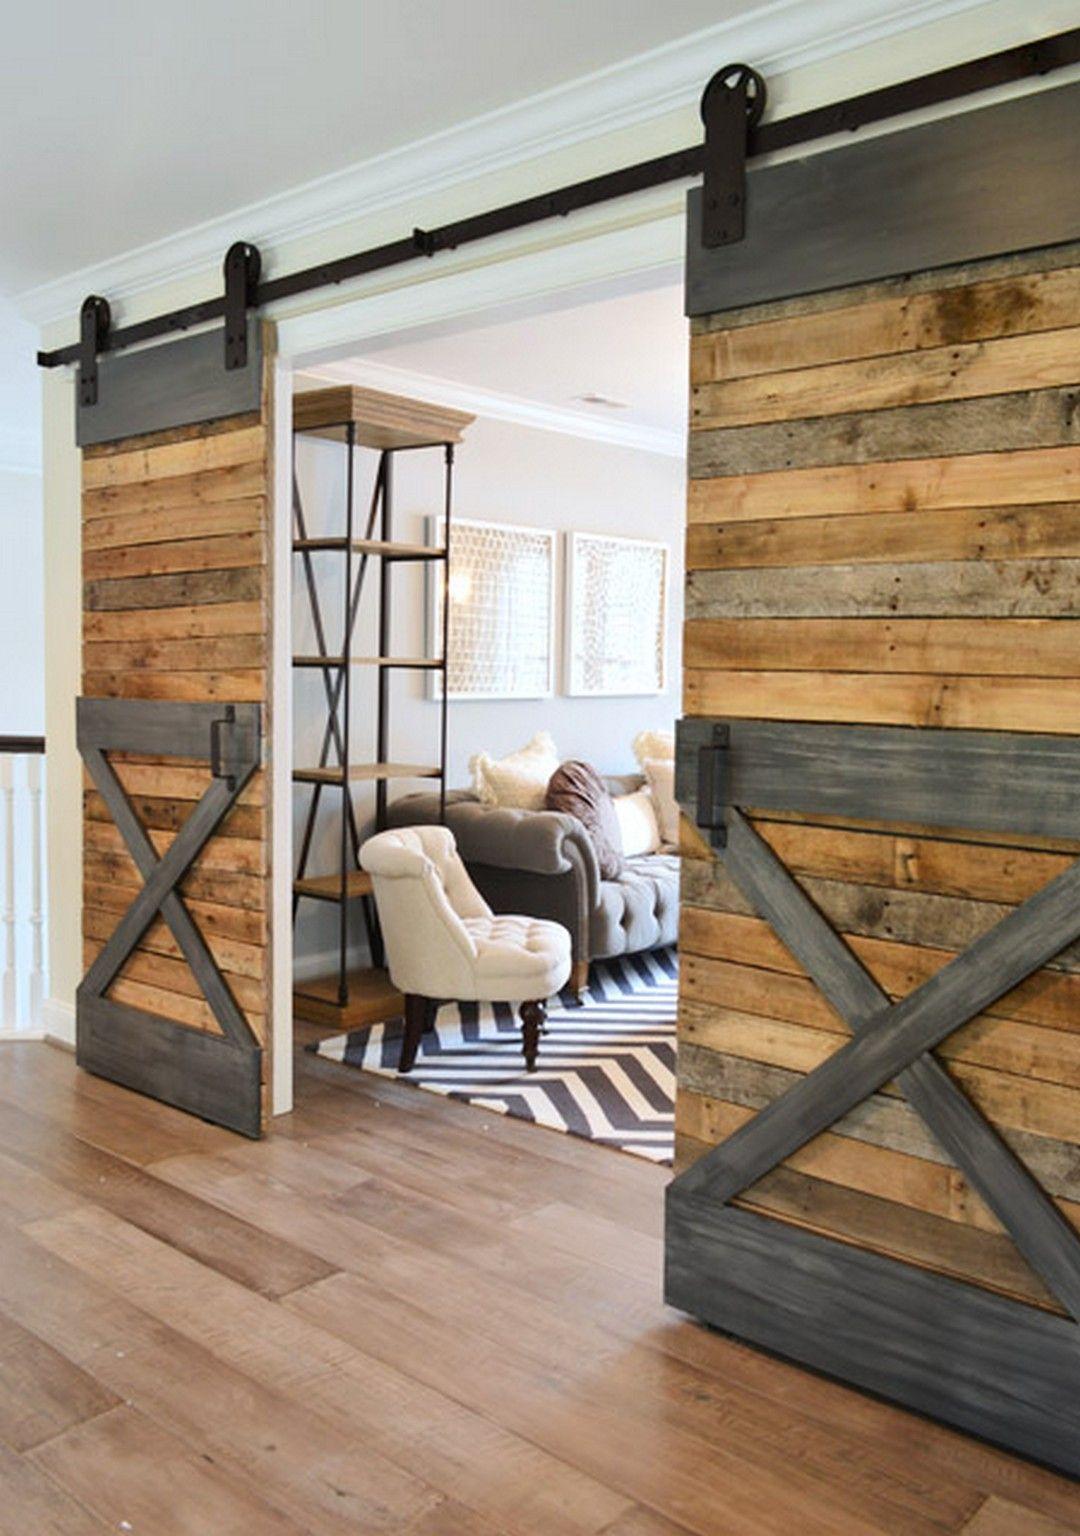 54 Interior Barn Doors Sliding Palets De Madera Palets Y Madera ~ Puertas Correderas Interior Rusticas